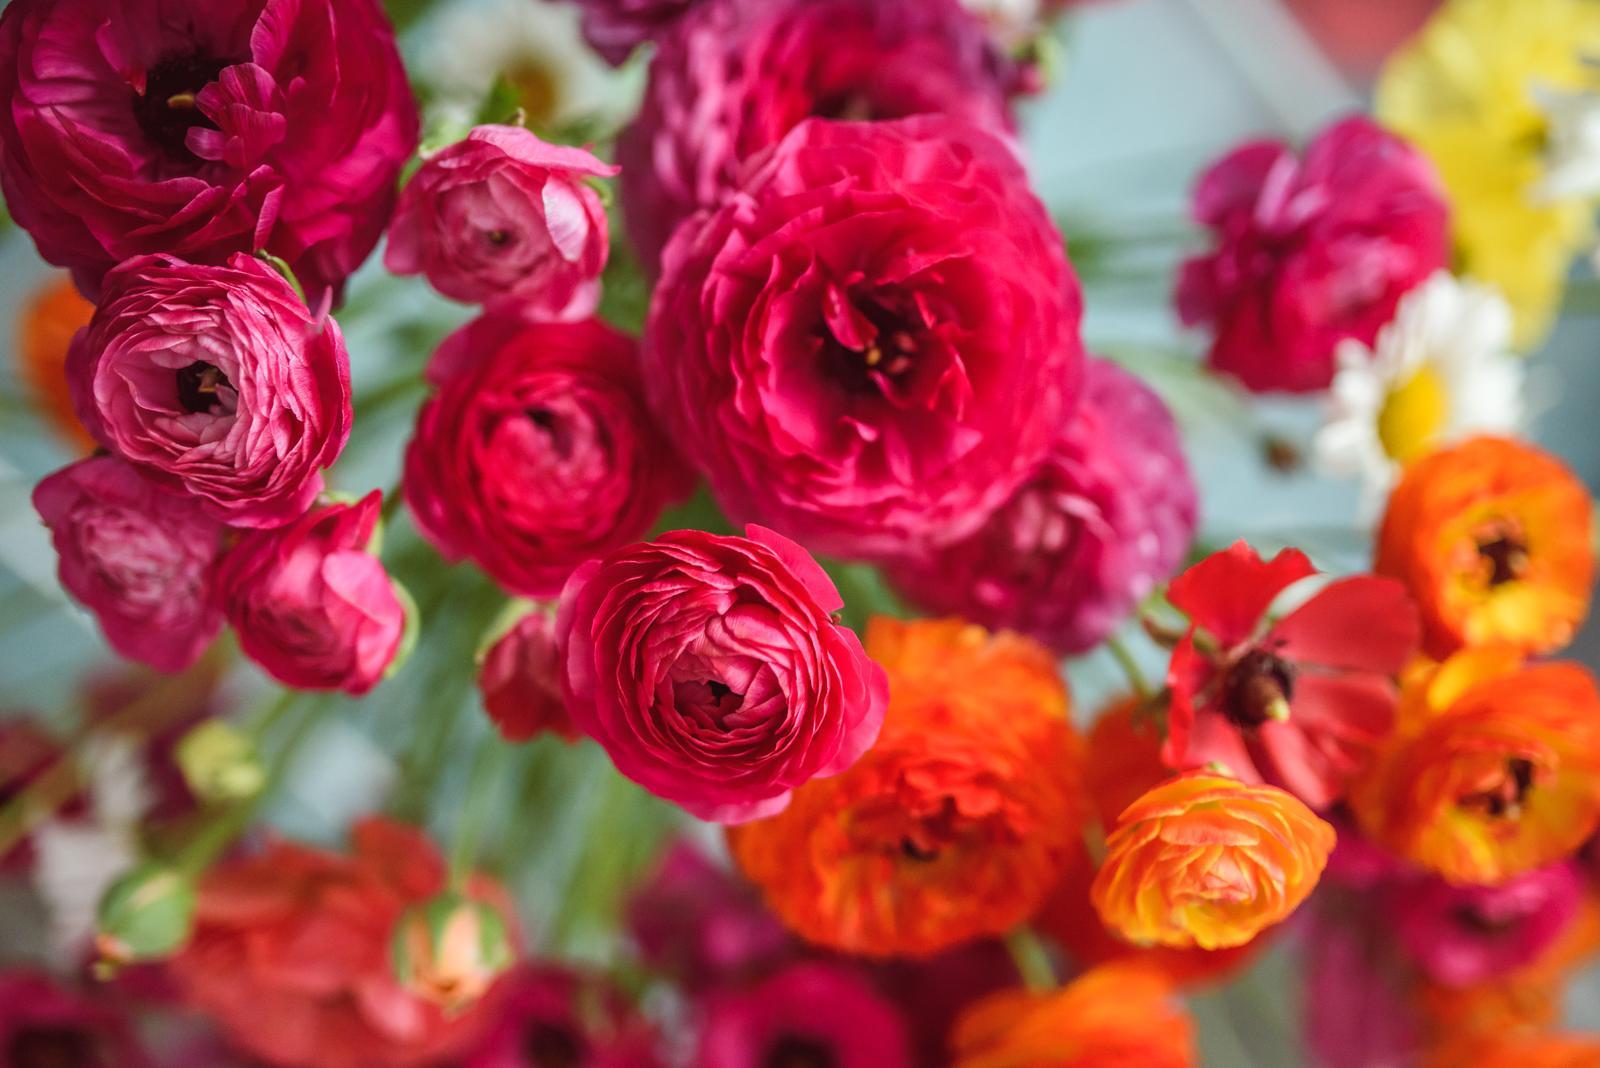 Vo víre kvetov... - Myslím, že sezóna ranunculusov (iskerníkov) vrcholí. :-) Keď budem mať dlhšiu voľnú chvíľu, určte napíšem také bohatšie zhrnutie o týchto kvietkoch, ich pestovaní a vhodnosti do svadobnej výzdoby - možete sa tešiť! :-)